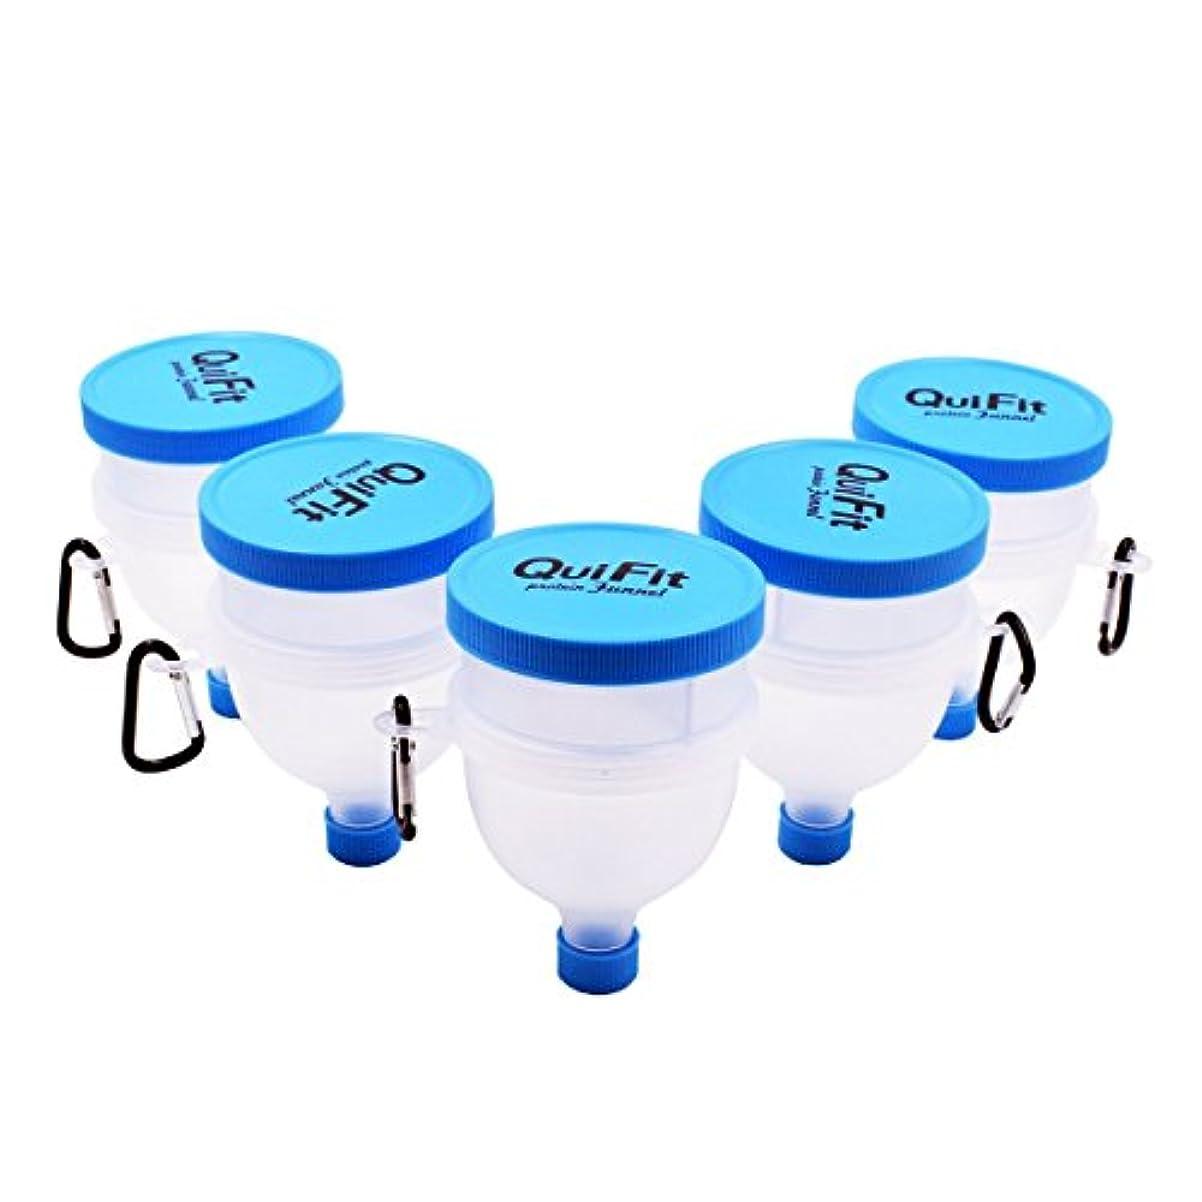 ピグマリオンペルソナスチュワードプロテインサプリメント携帯容器-QuiFit ファンネル 粉末サプリメント小分け携帯用漏斗-スカイブルー-BPAフリー (5)